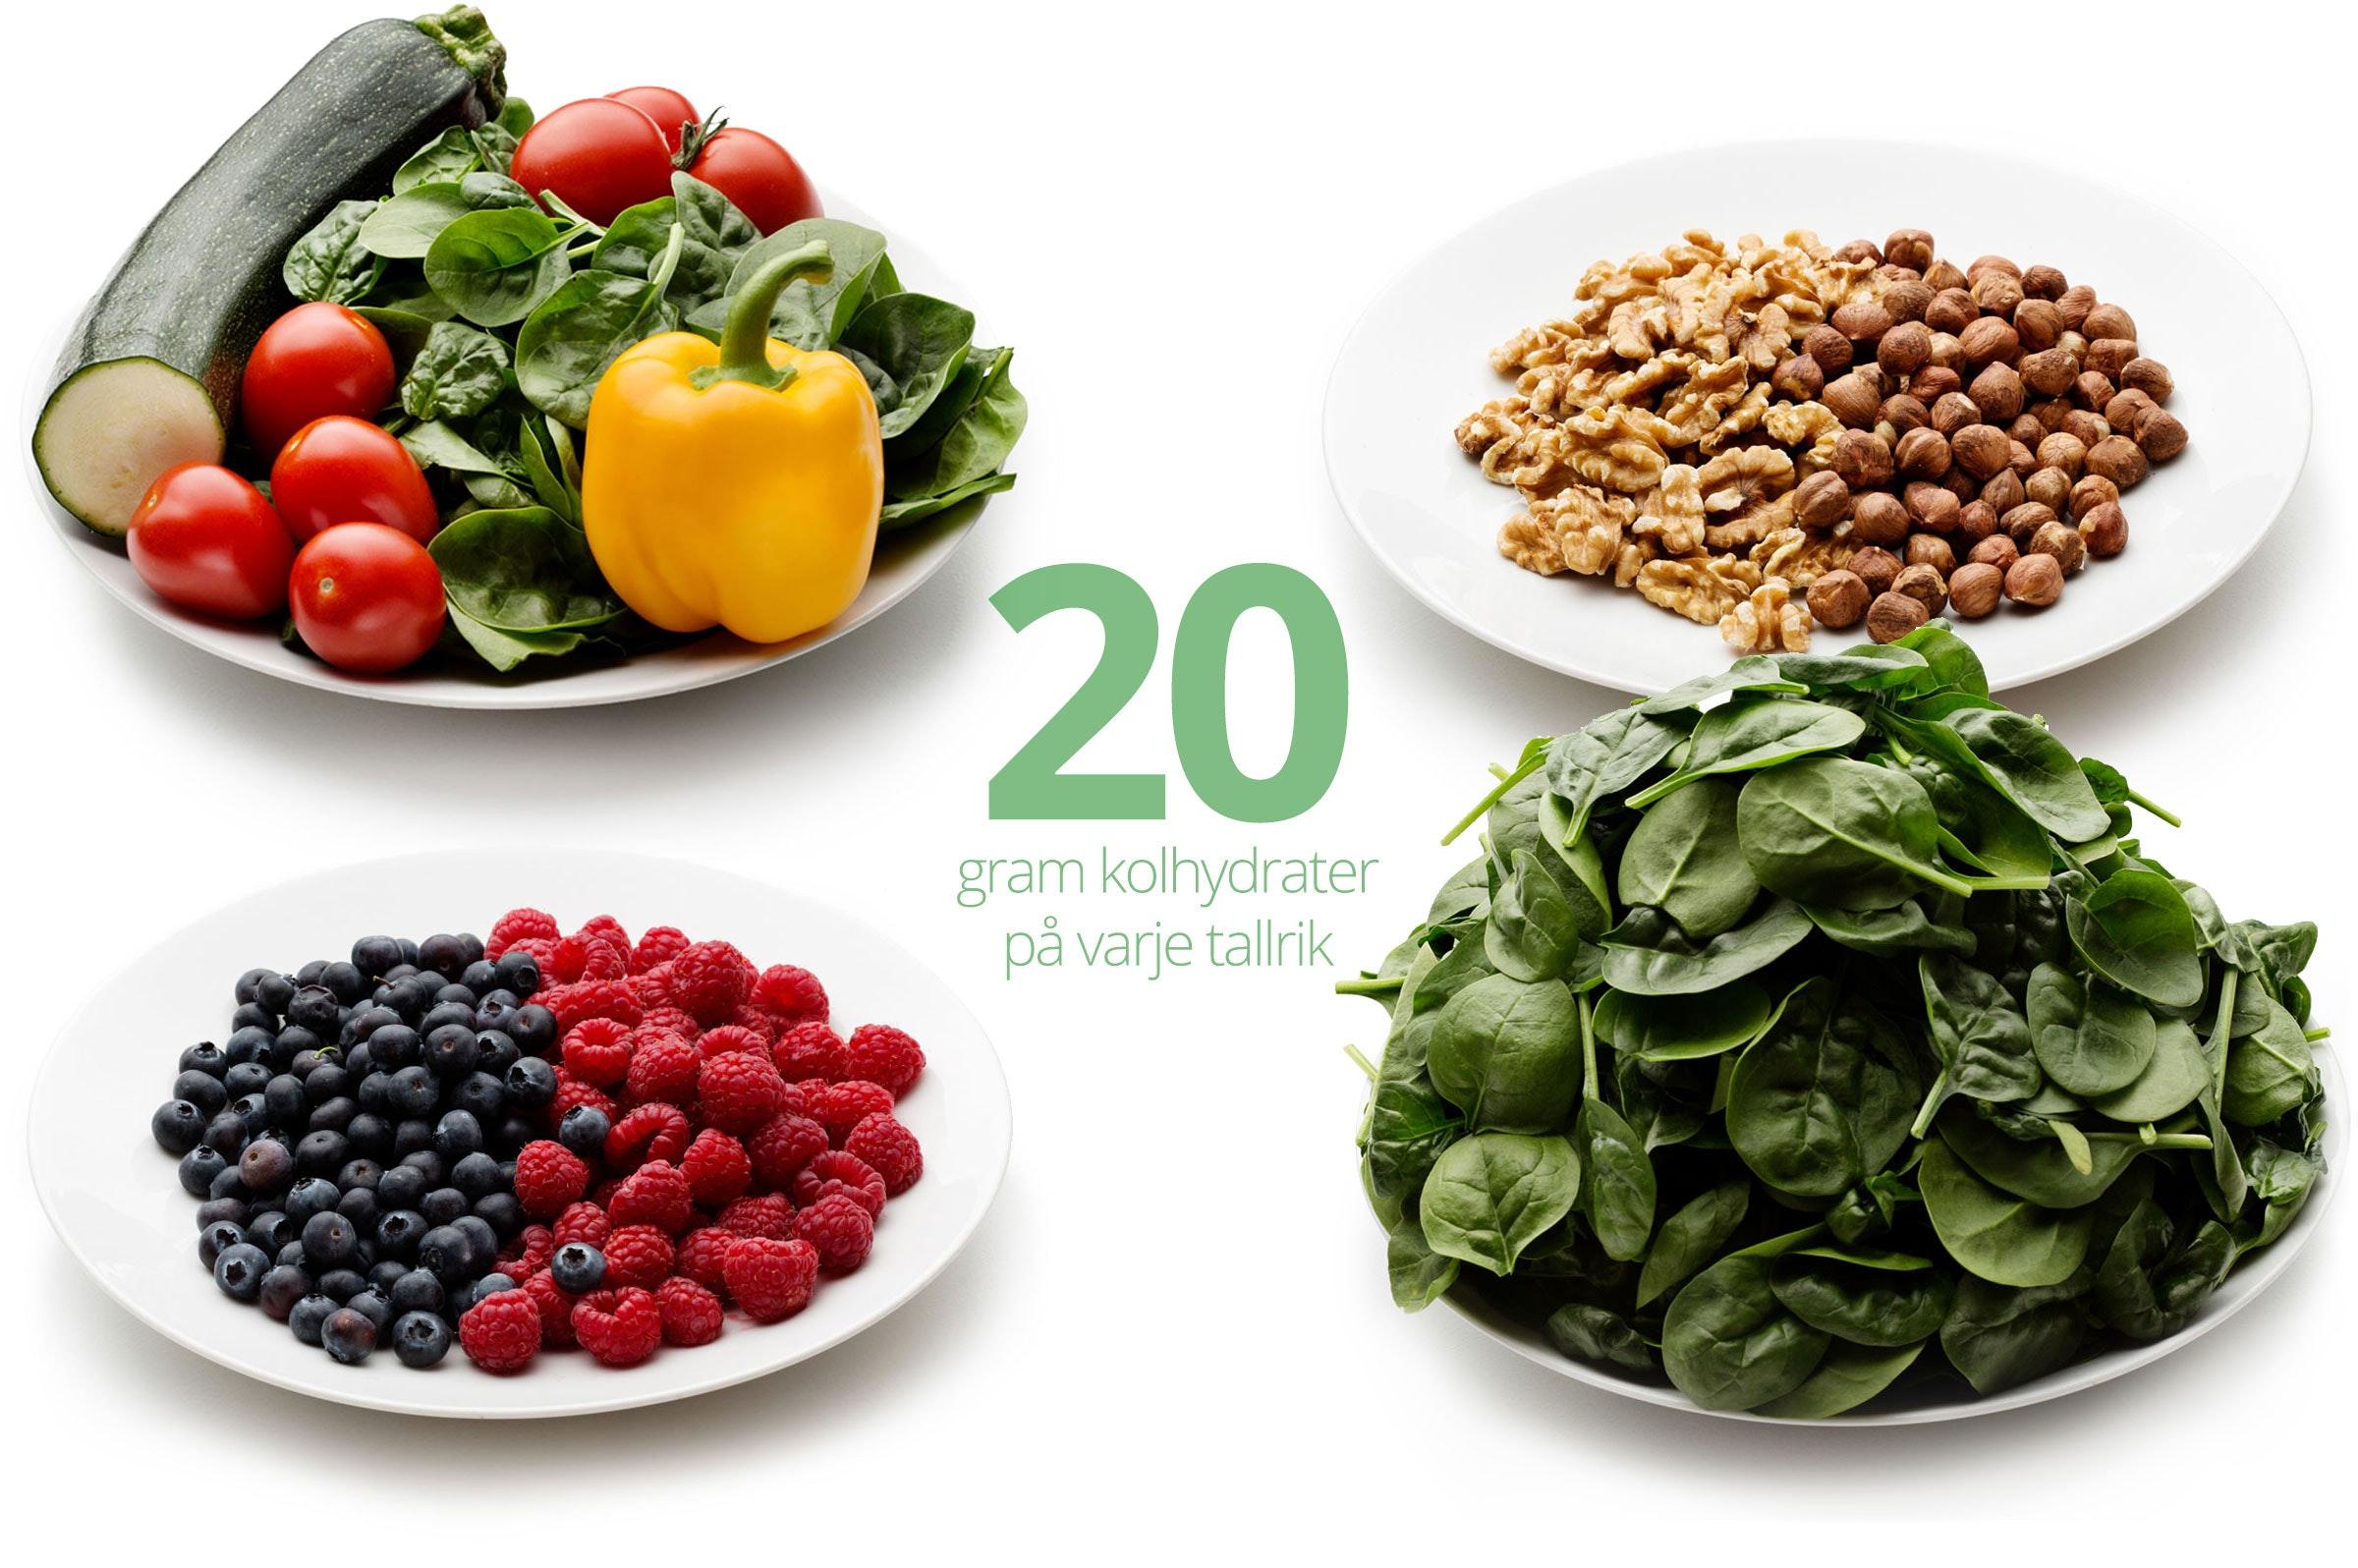 varför behöver man kolhydrater